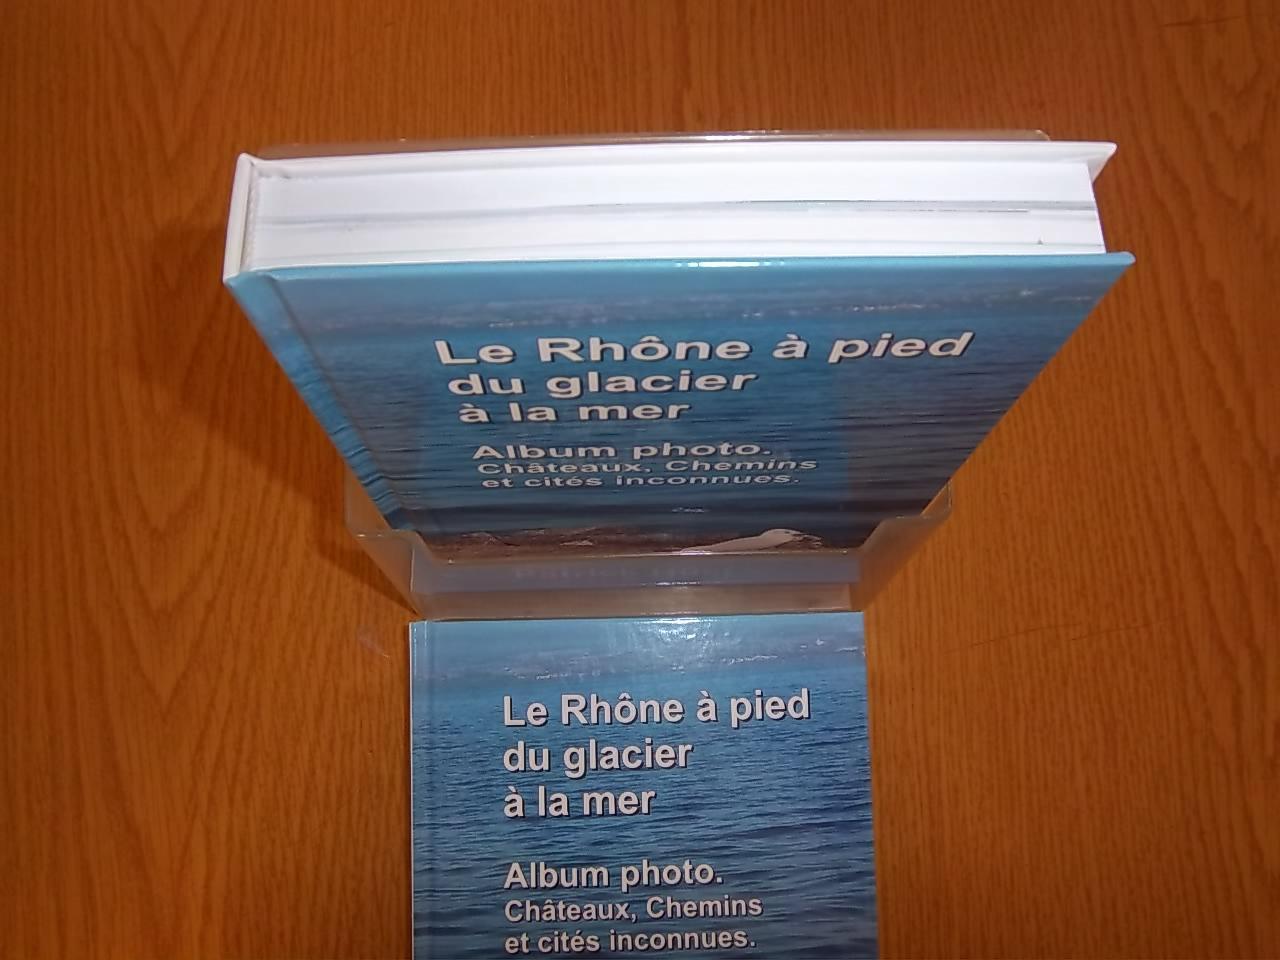 Le Rhône -Album photo du Rhône du glacier à la mer par Patrick Huet.